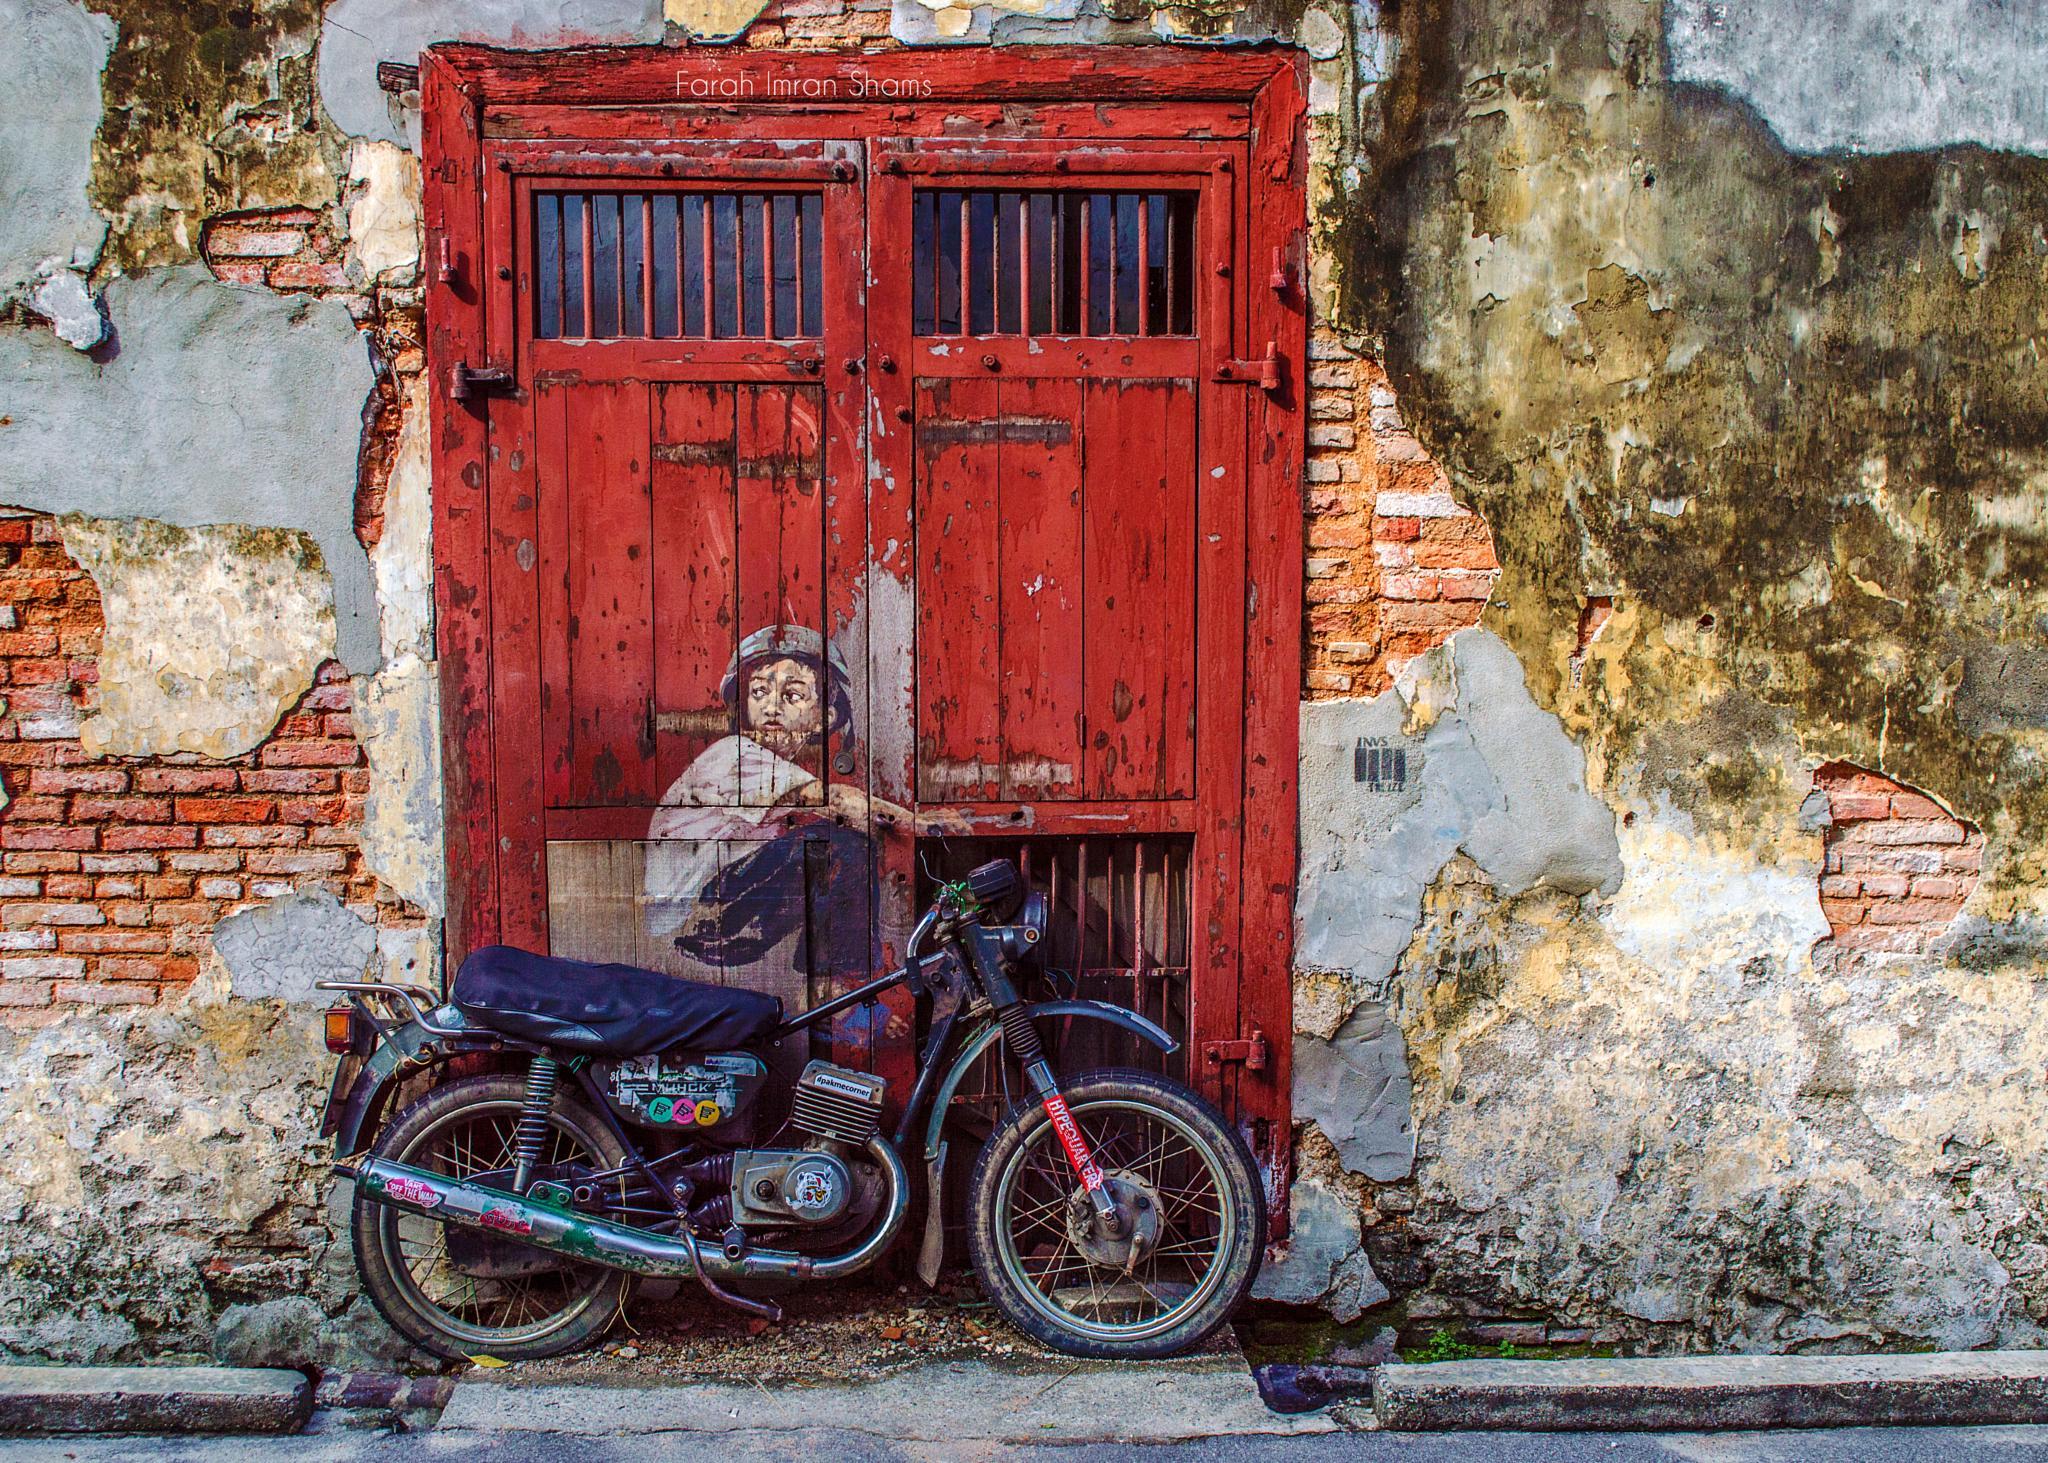 'Boy On A Bike' by Farah Shams